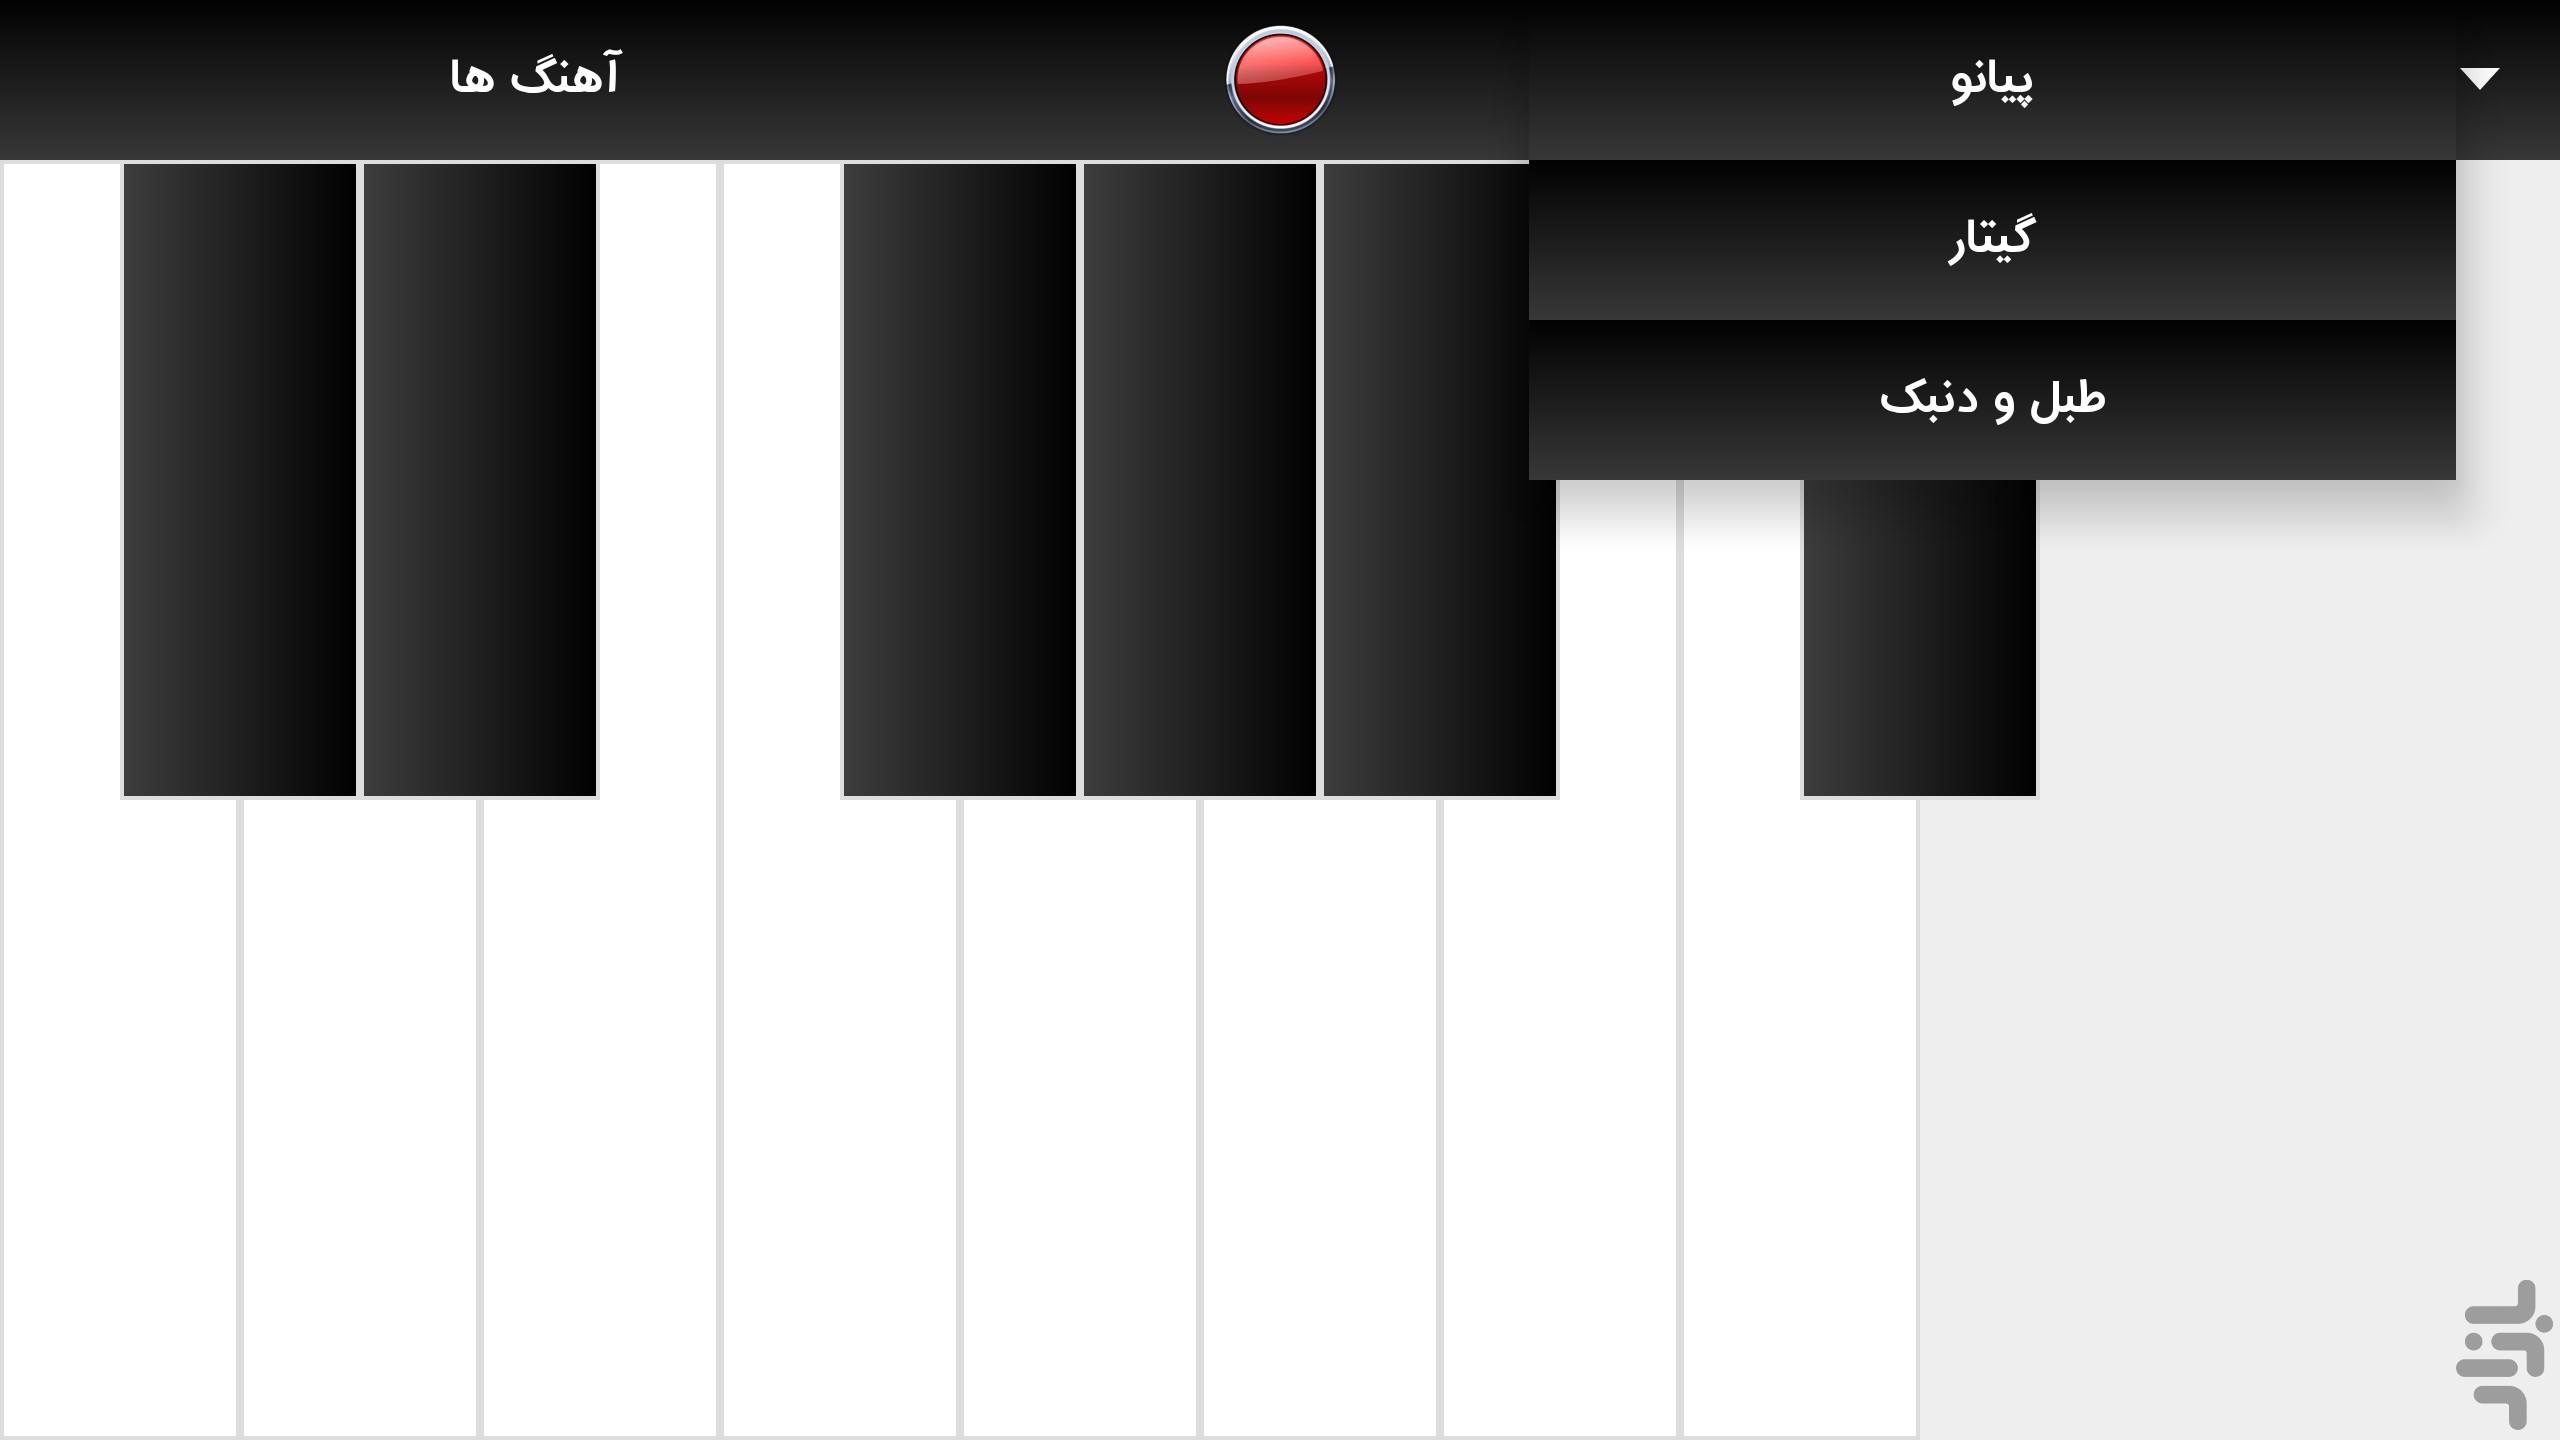 دانلود موسیقی پیانو